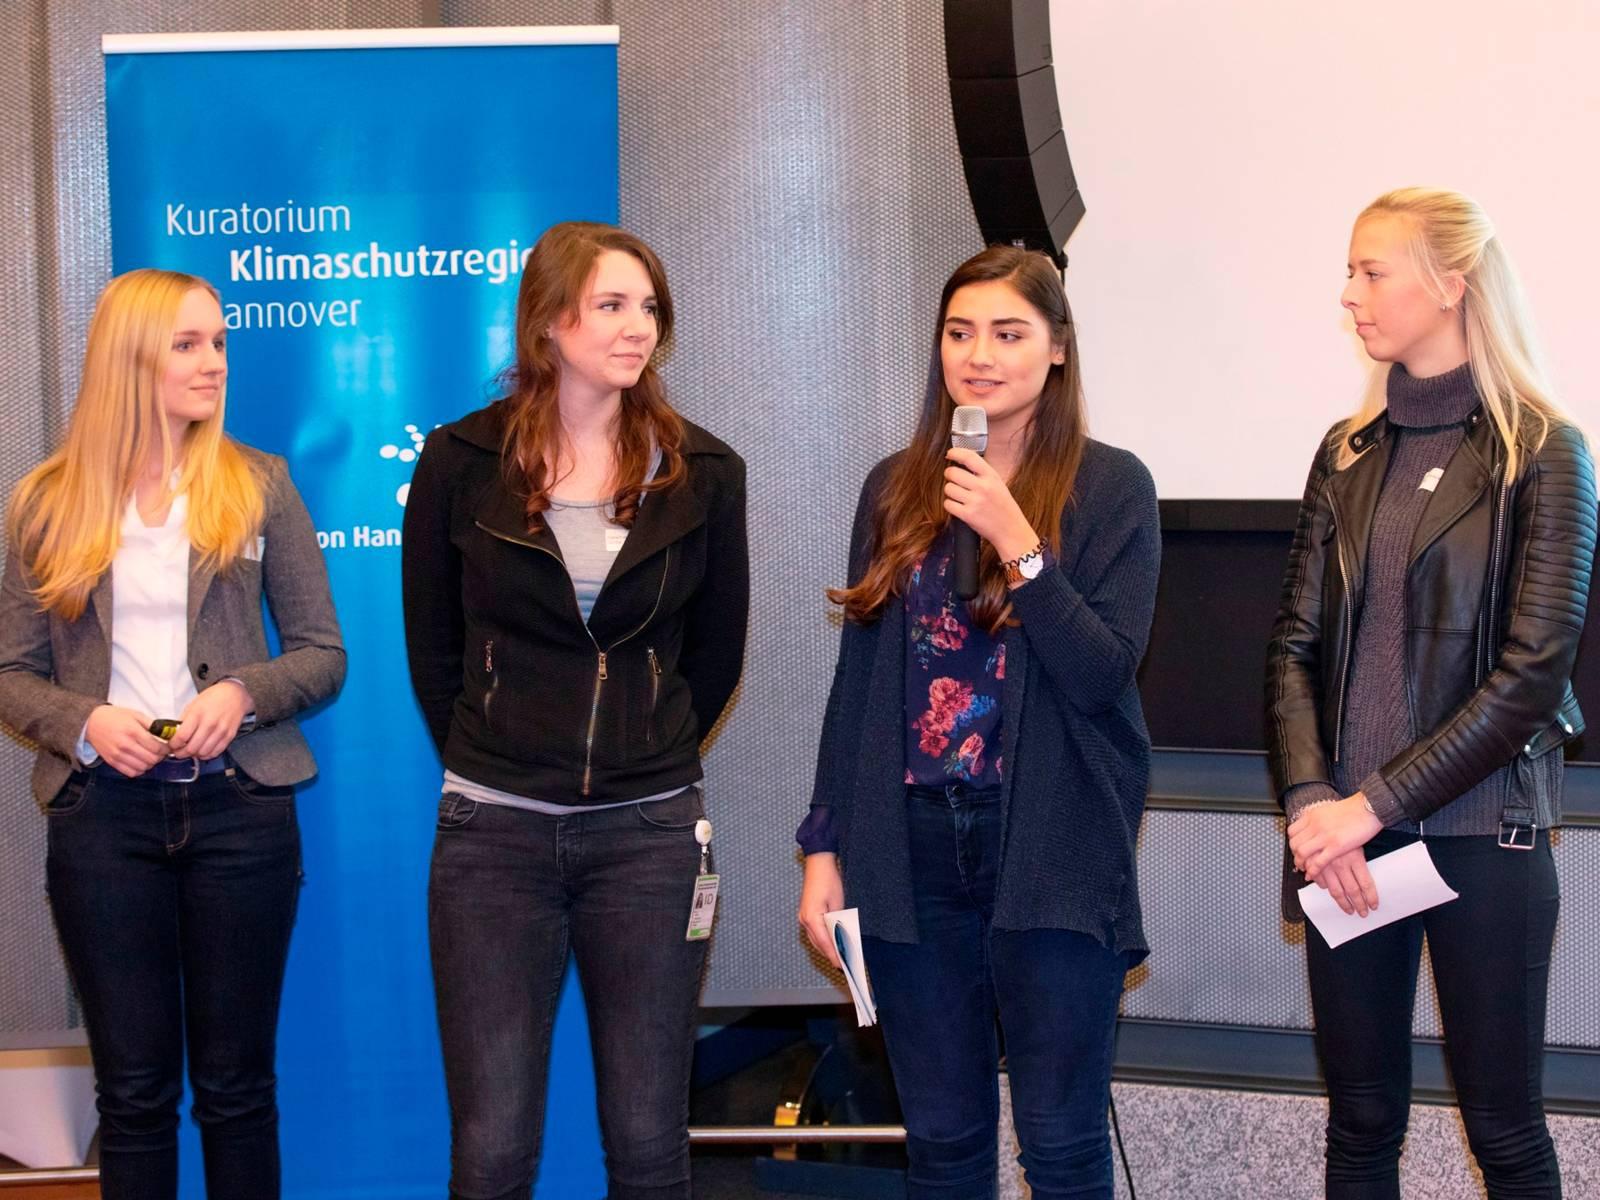 Vier junge Frauen. Eine spricht in ein Mikrofon.